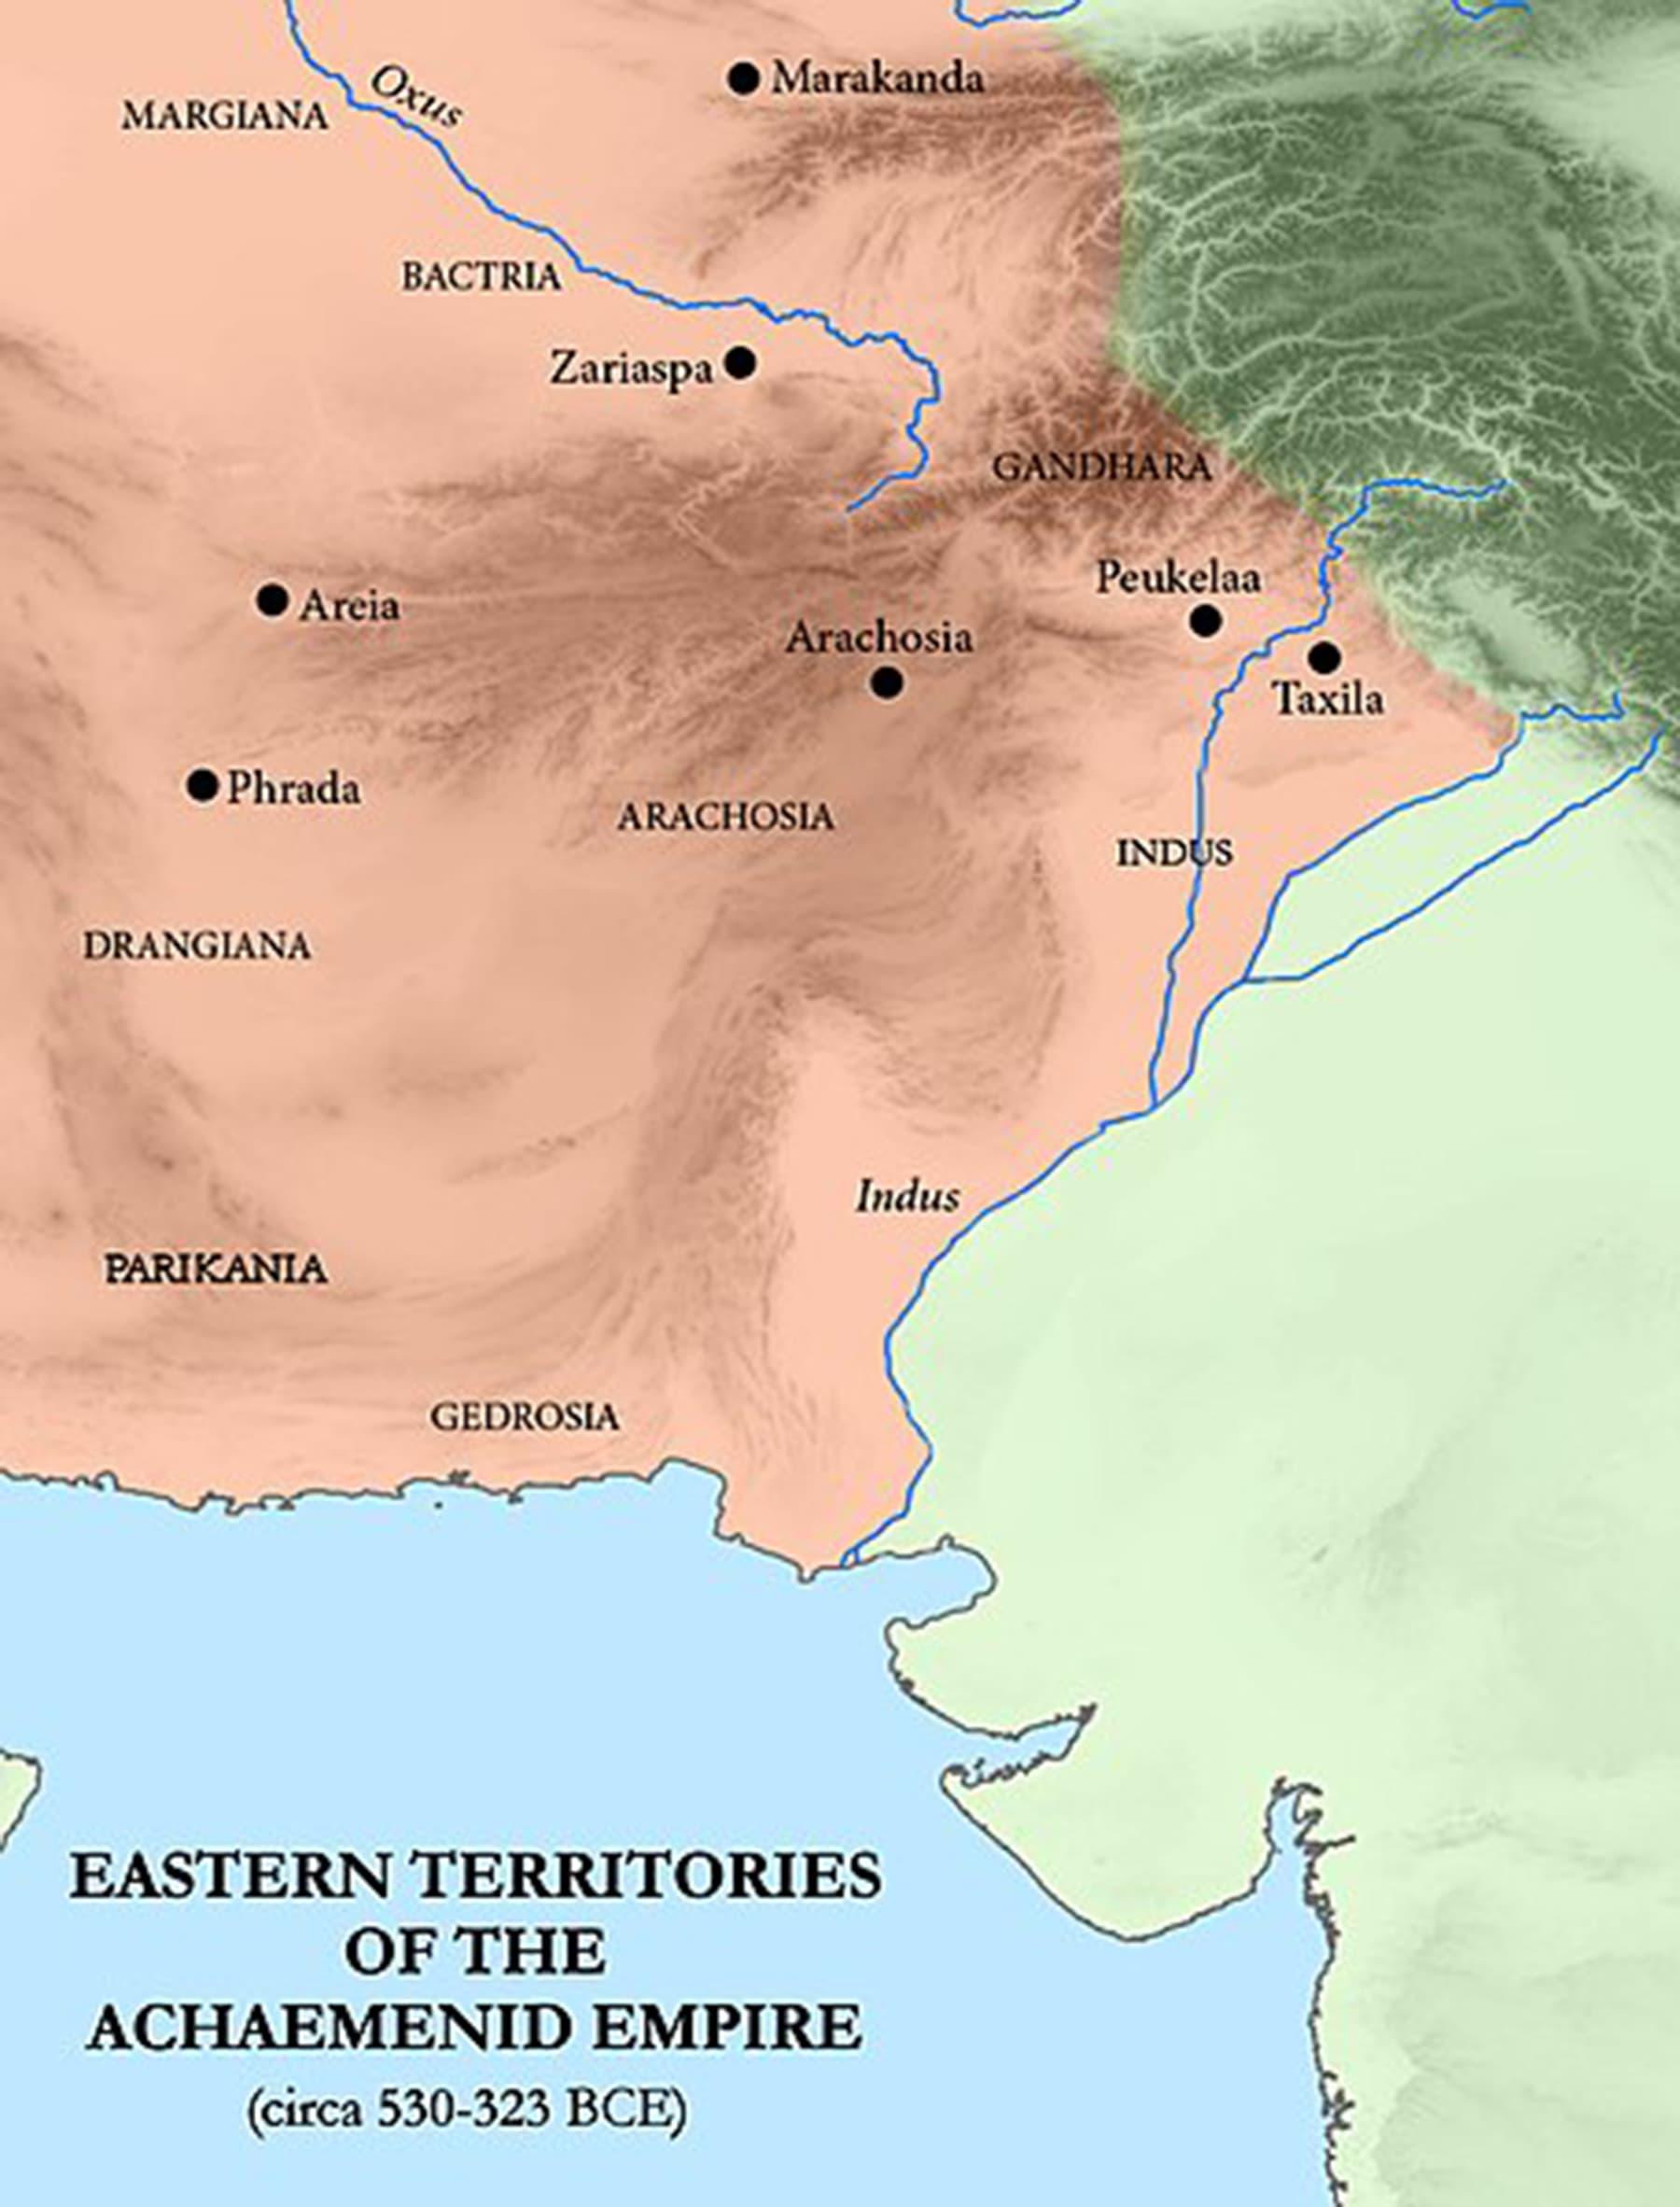 ہخامنشی سلطنت کی مشرقی ساتراپیاں